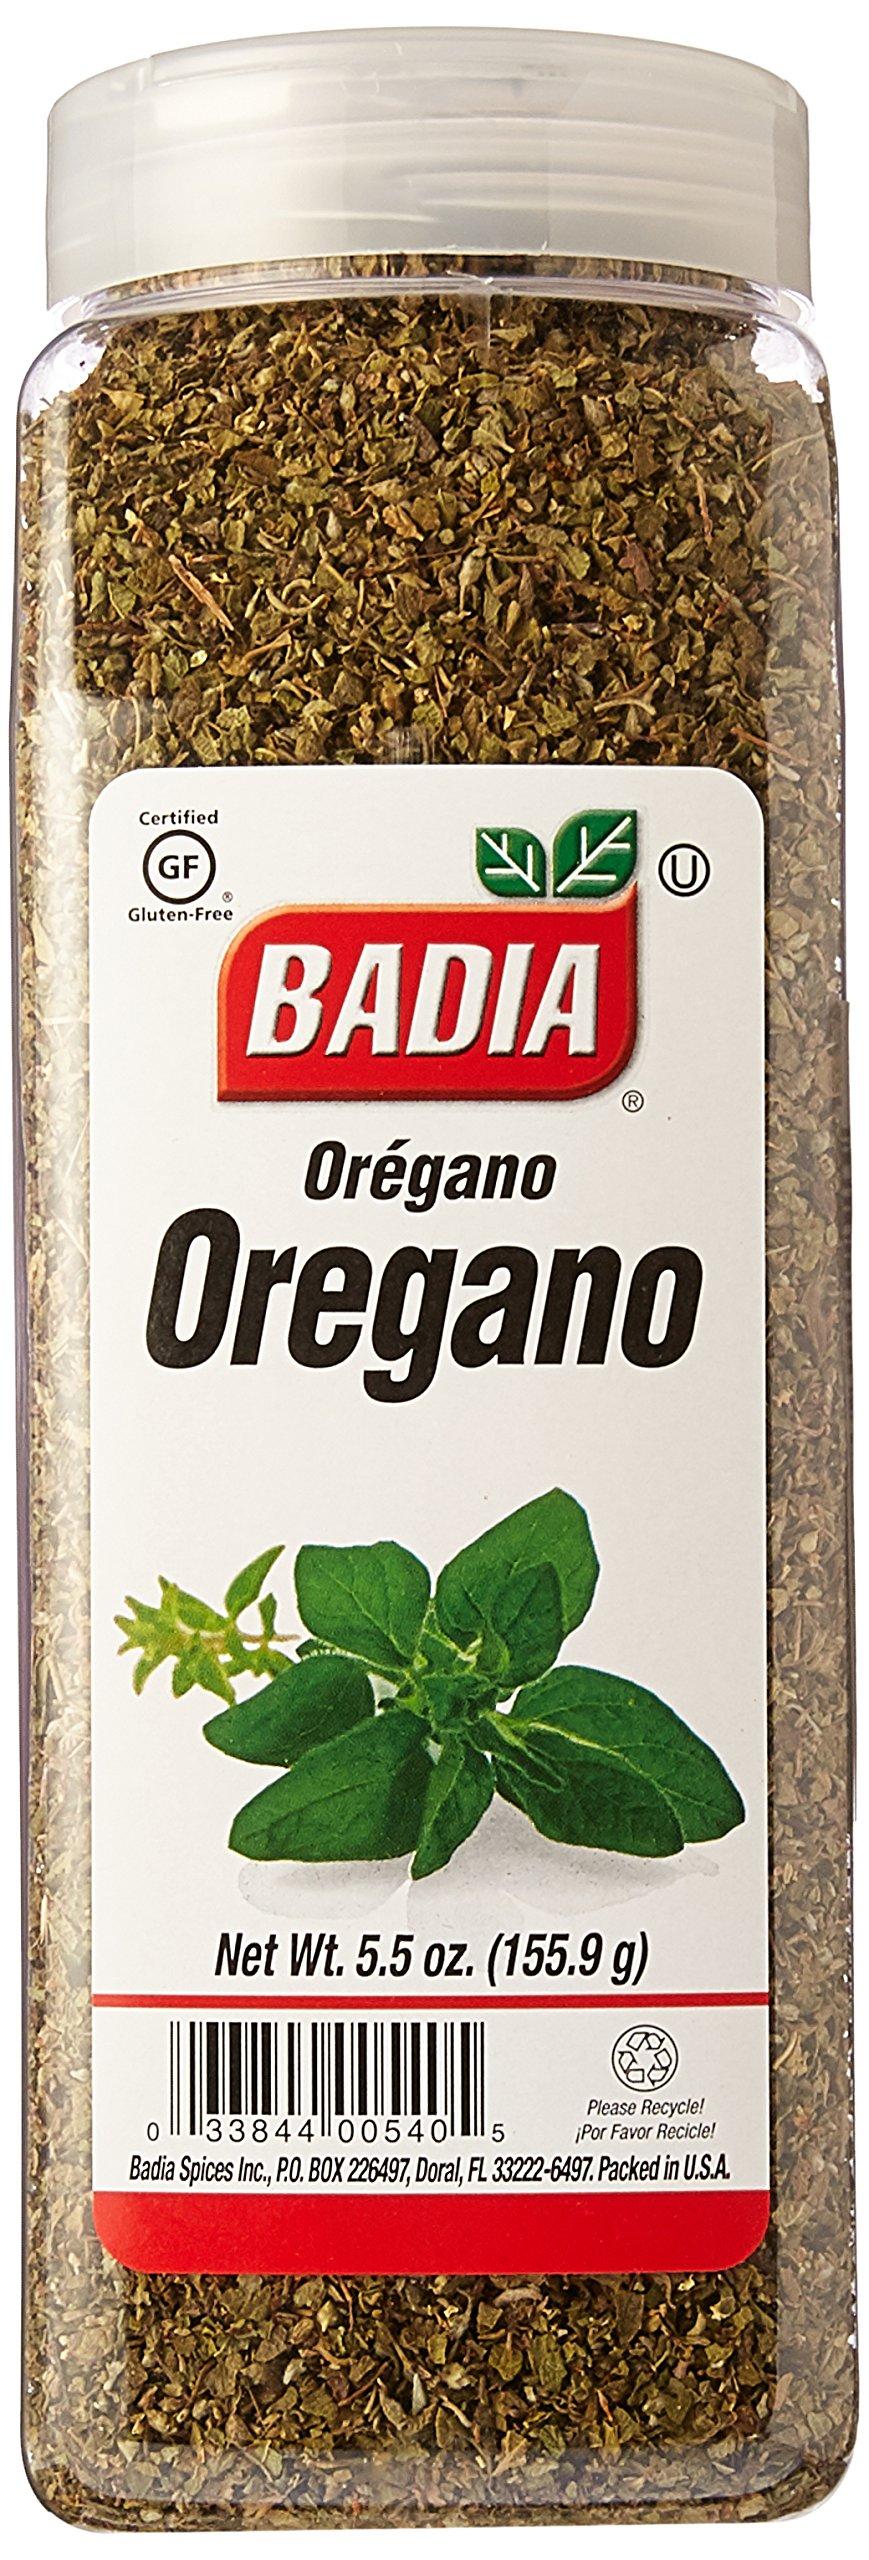 Badia Oregano Whole 5.5 oz